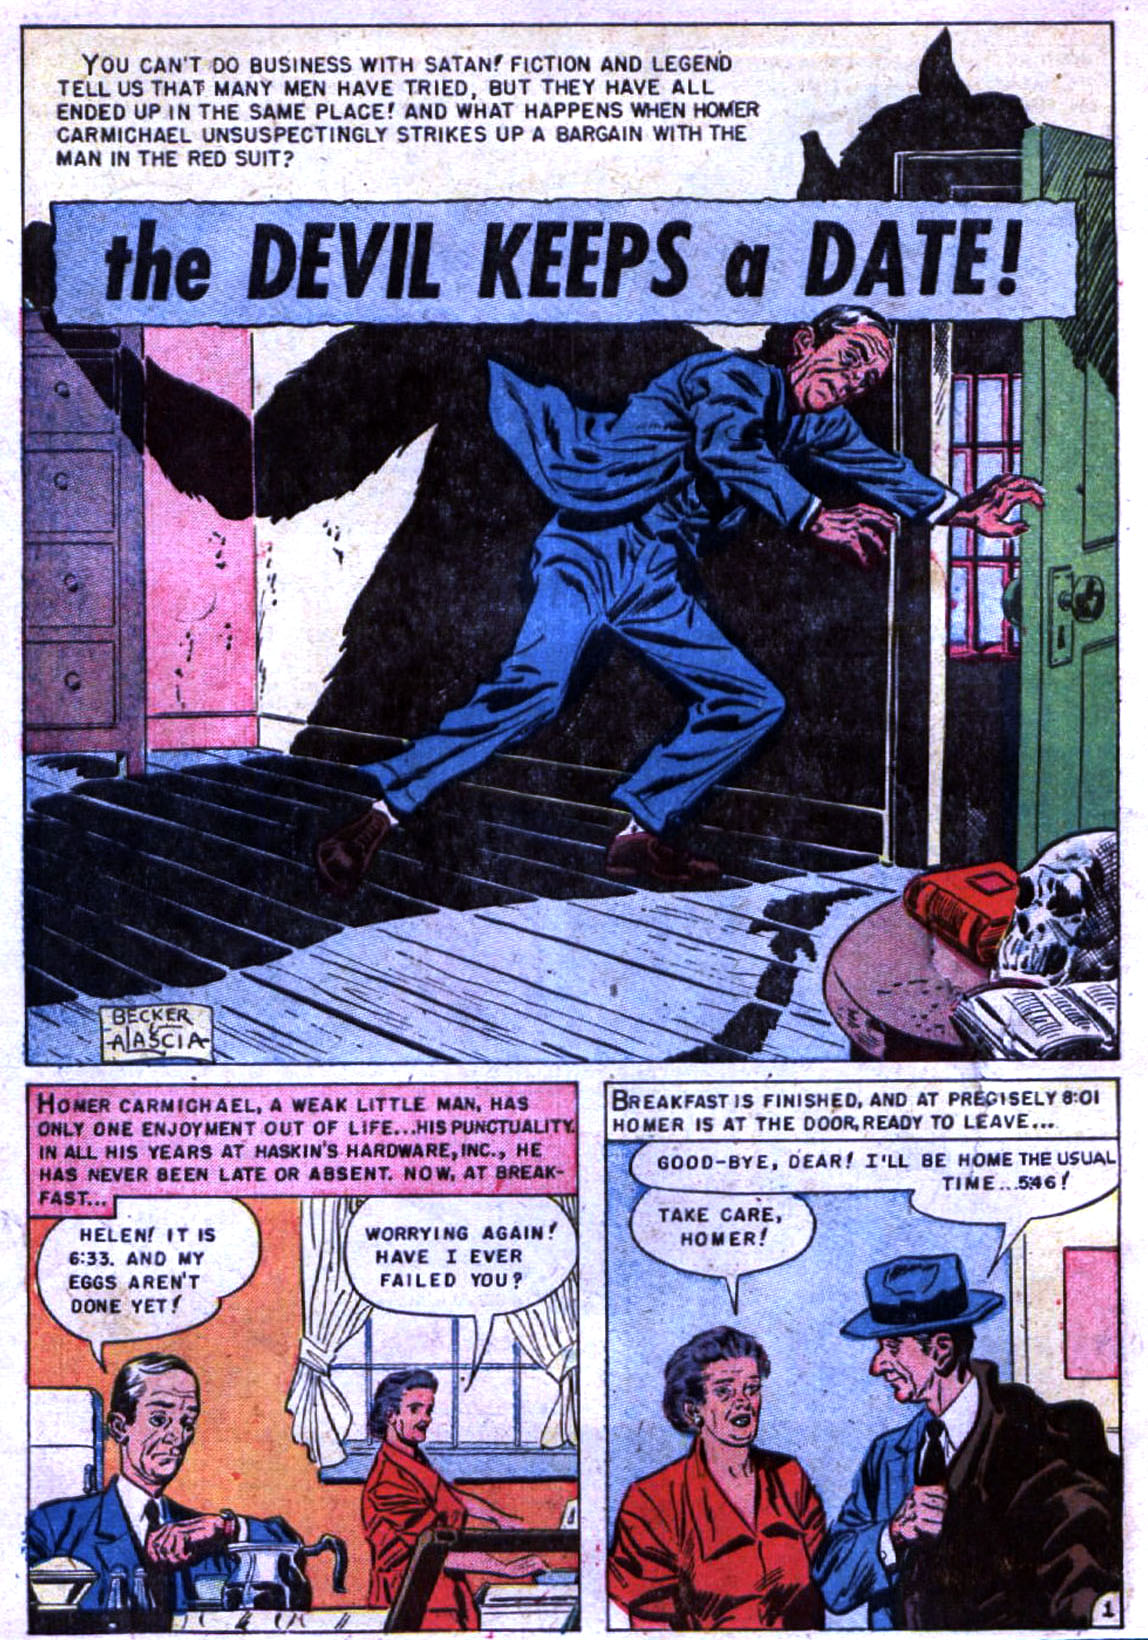 DevilKeepsDate1